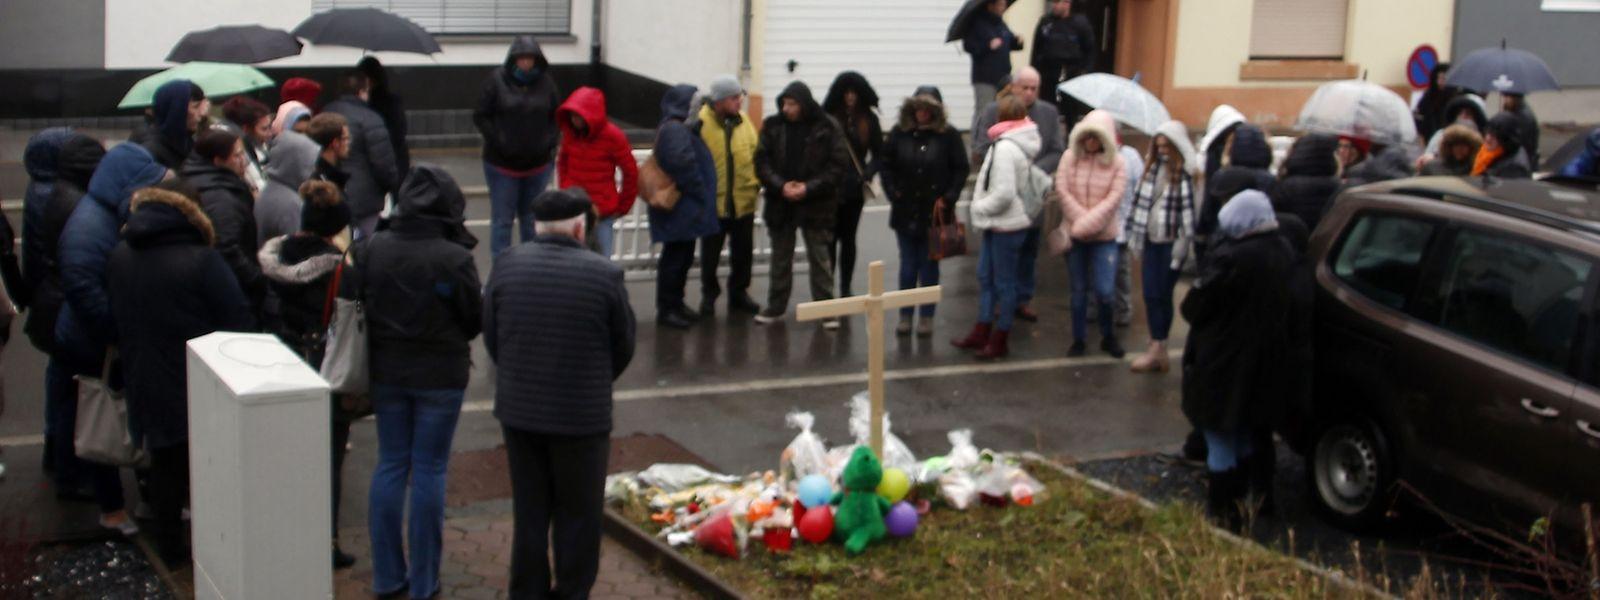 Passaram pelo local da homenagem perto de uma centena de pessoas.